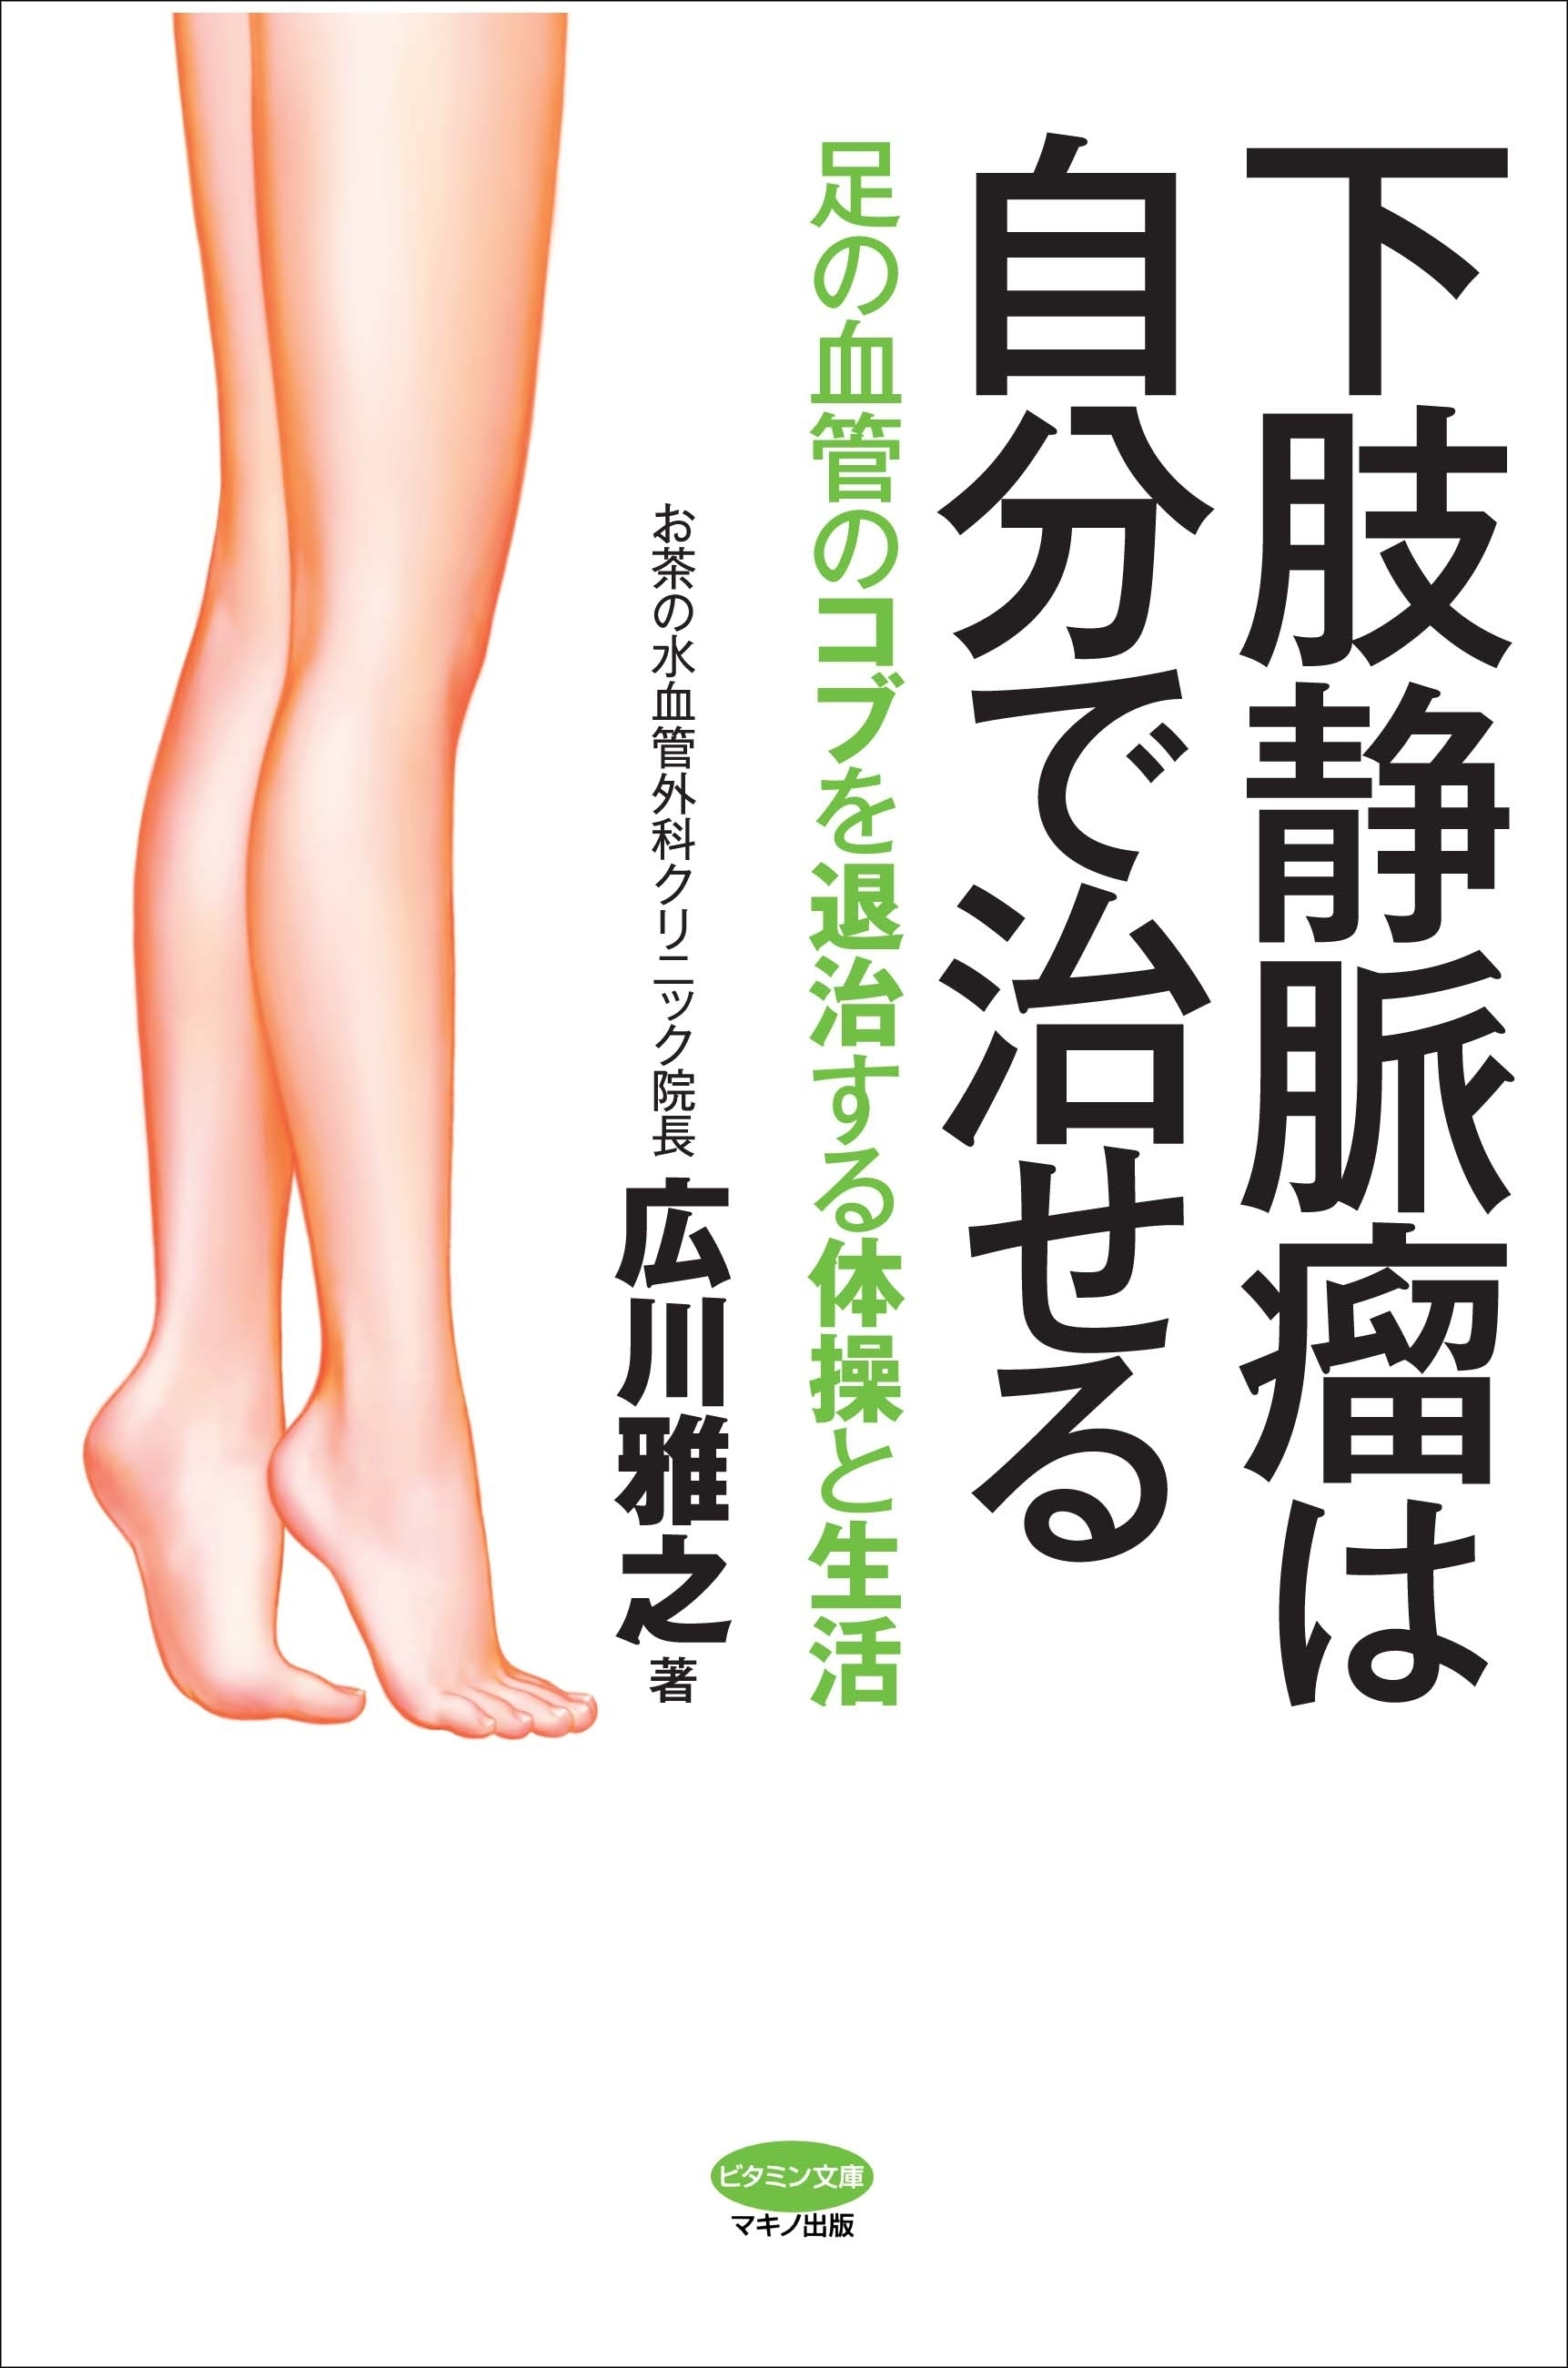 自分 治す 下肢 で 静脈 瘤